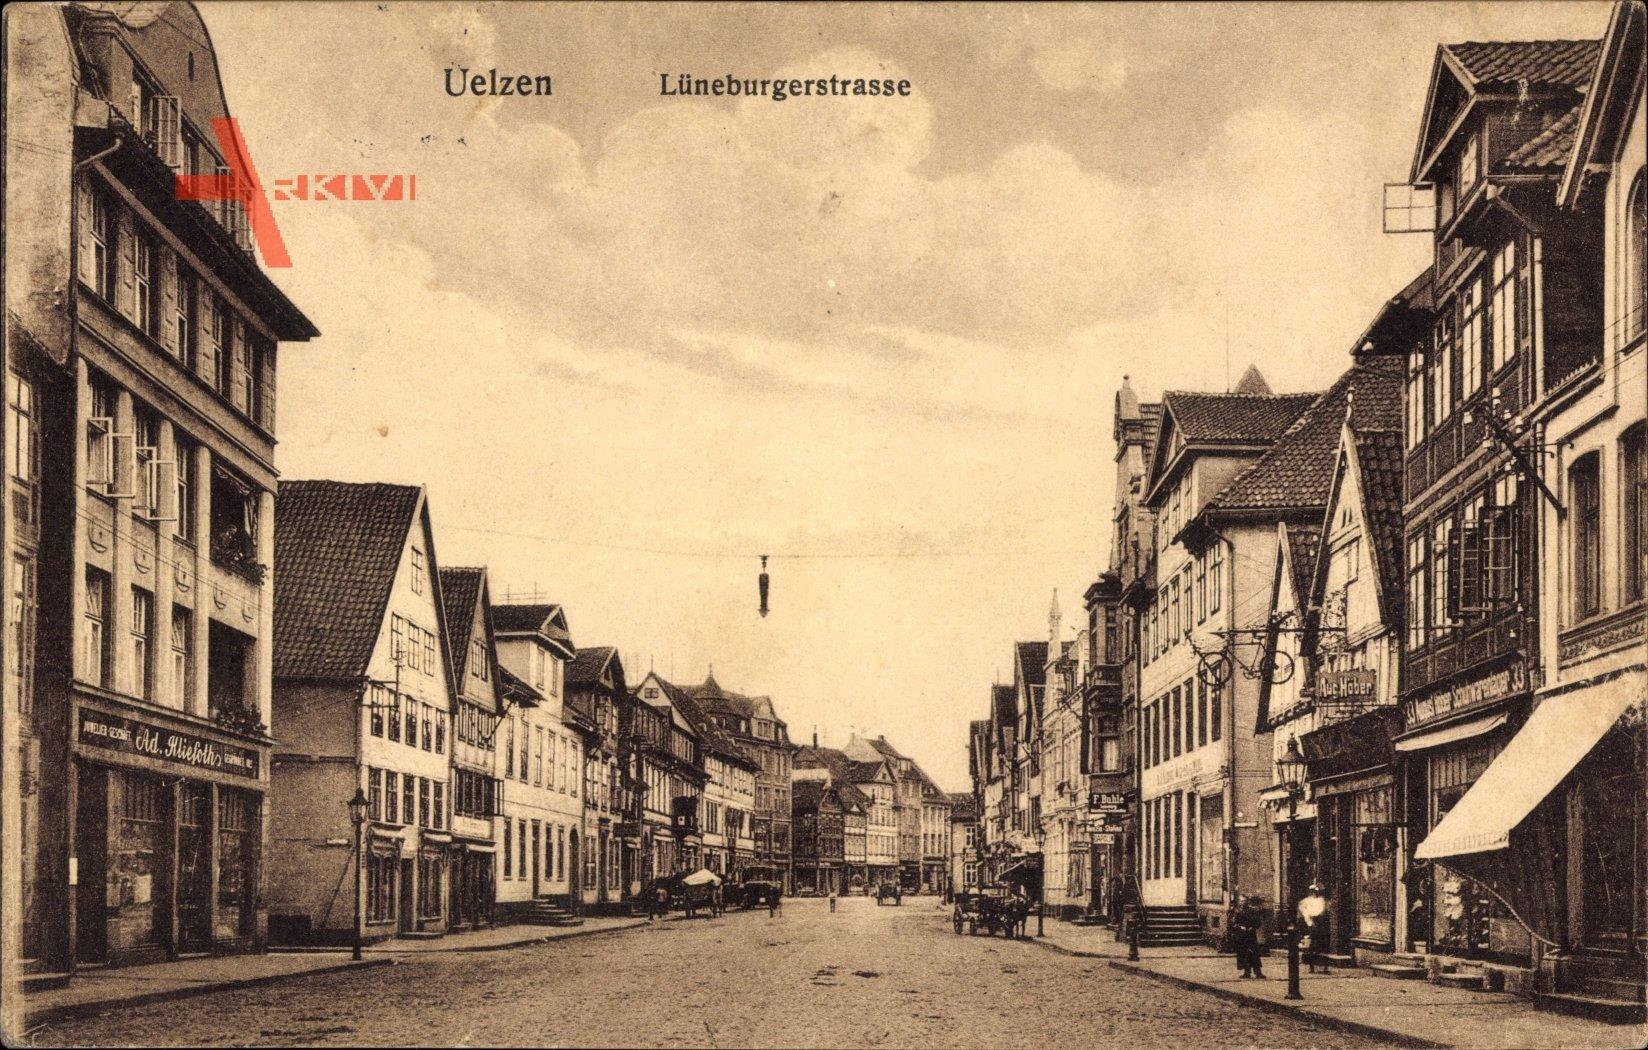 Uelzen in Niedersachsen, BLick in die Lüneburgerstraße, Geschäfte